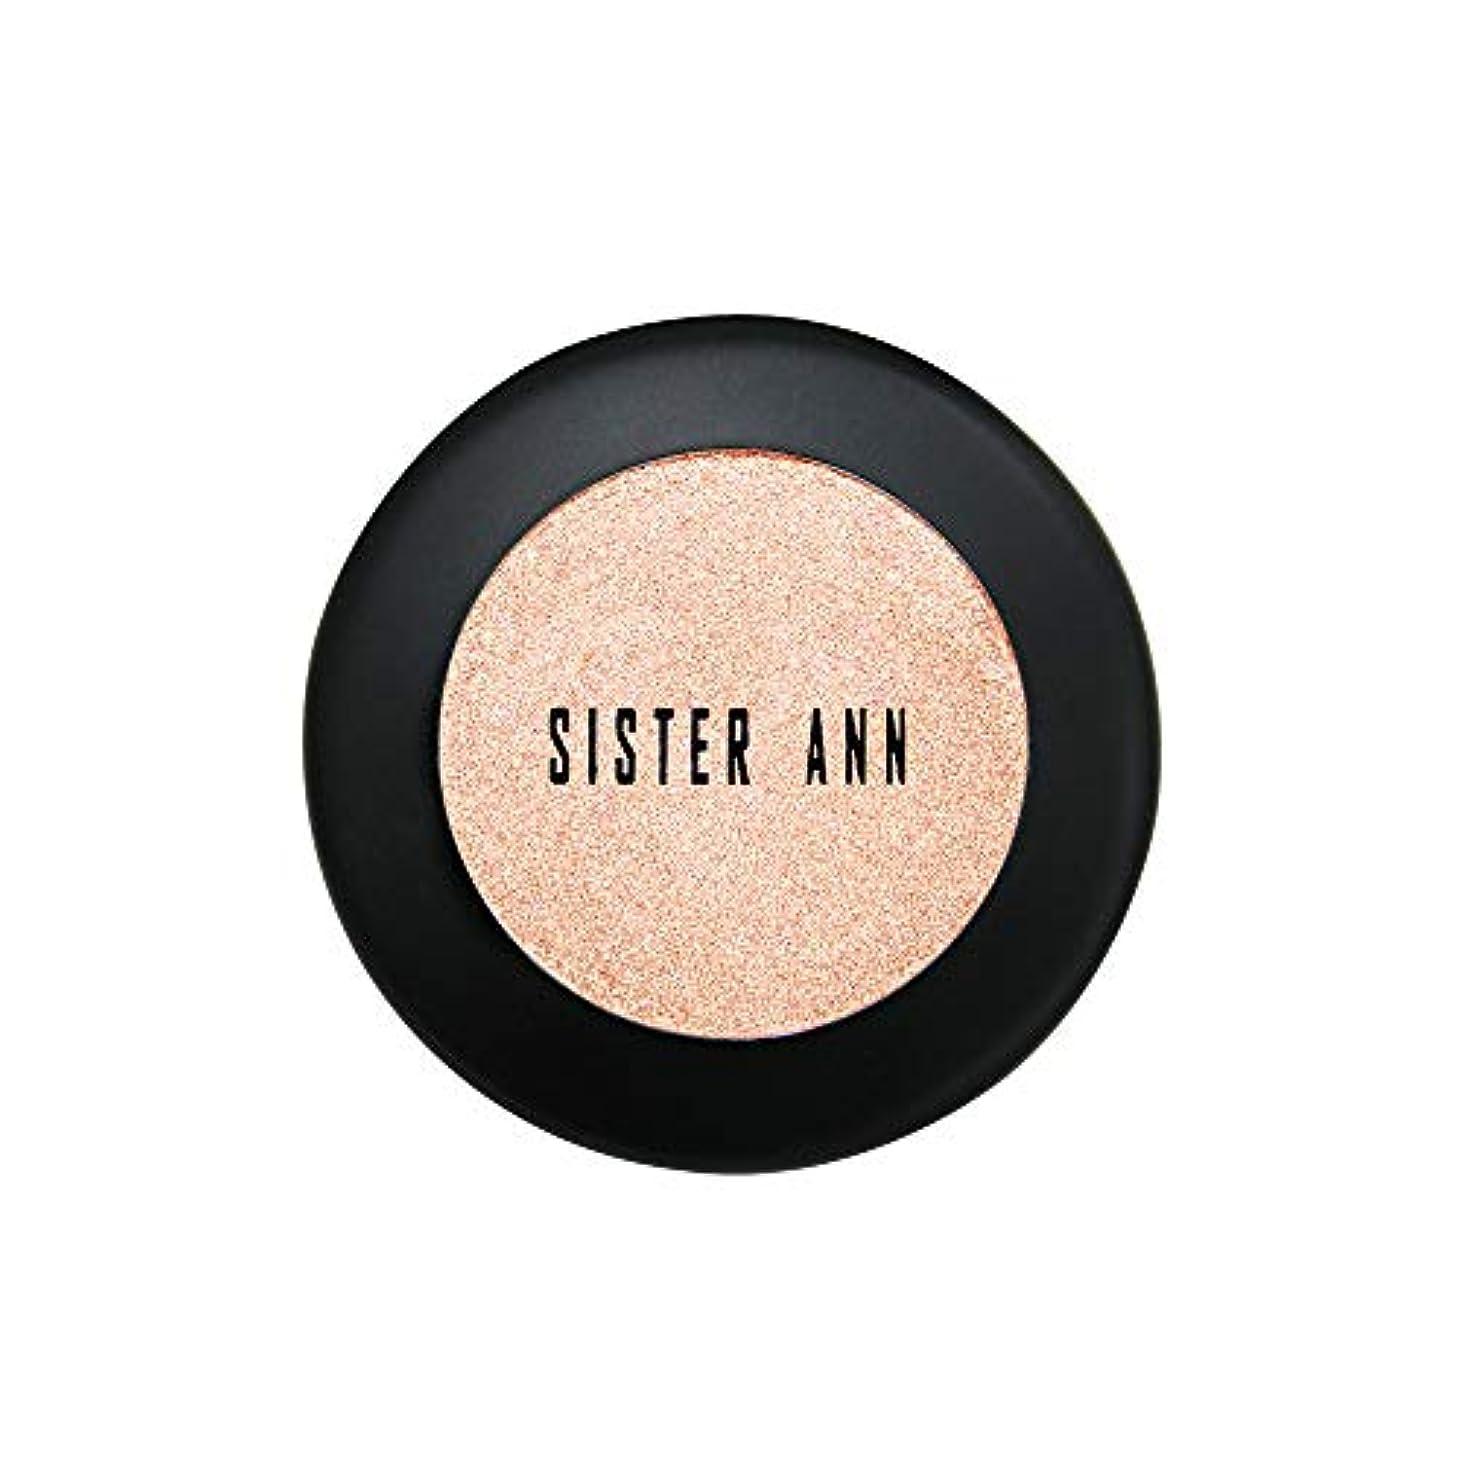 影響力のある接続された熟した[SISTER ANN] カラーシャインシャドウ (Glam Beige)